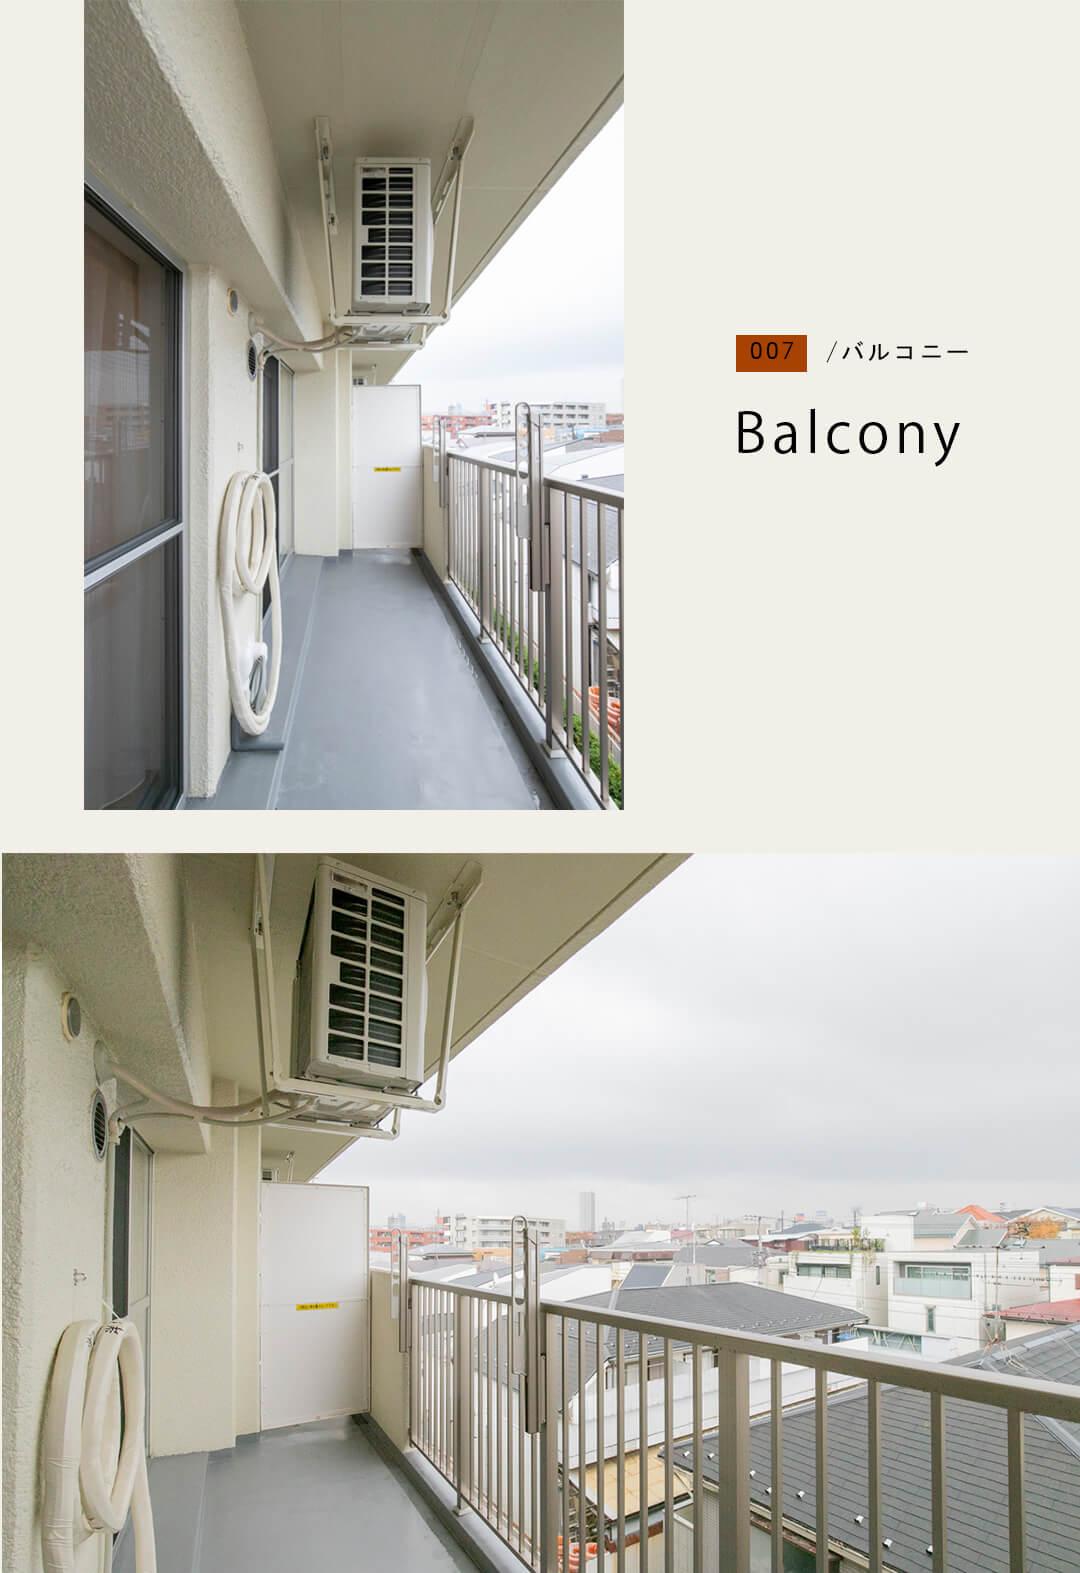 07バルコニー,balcony